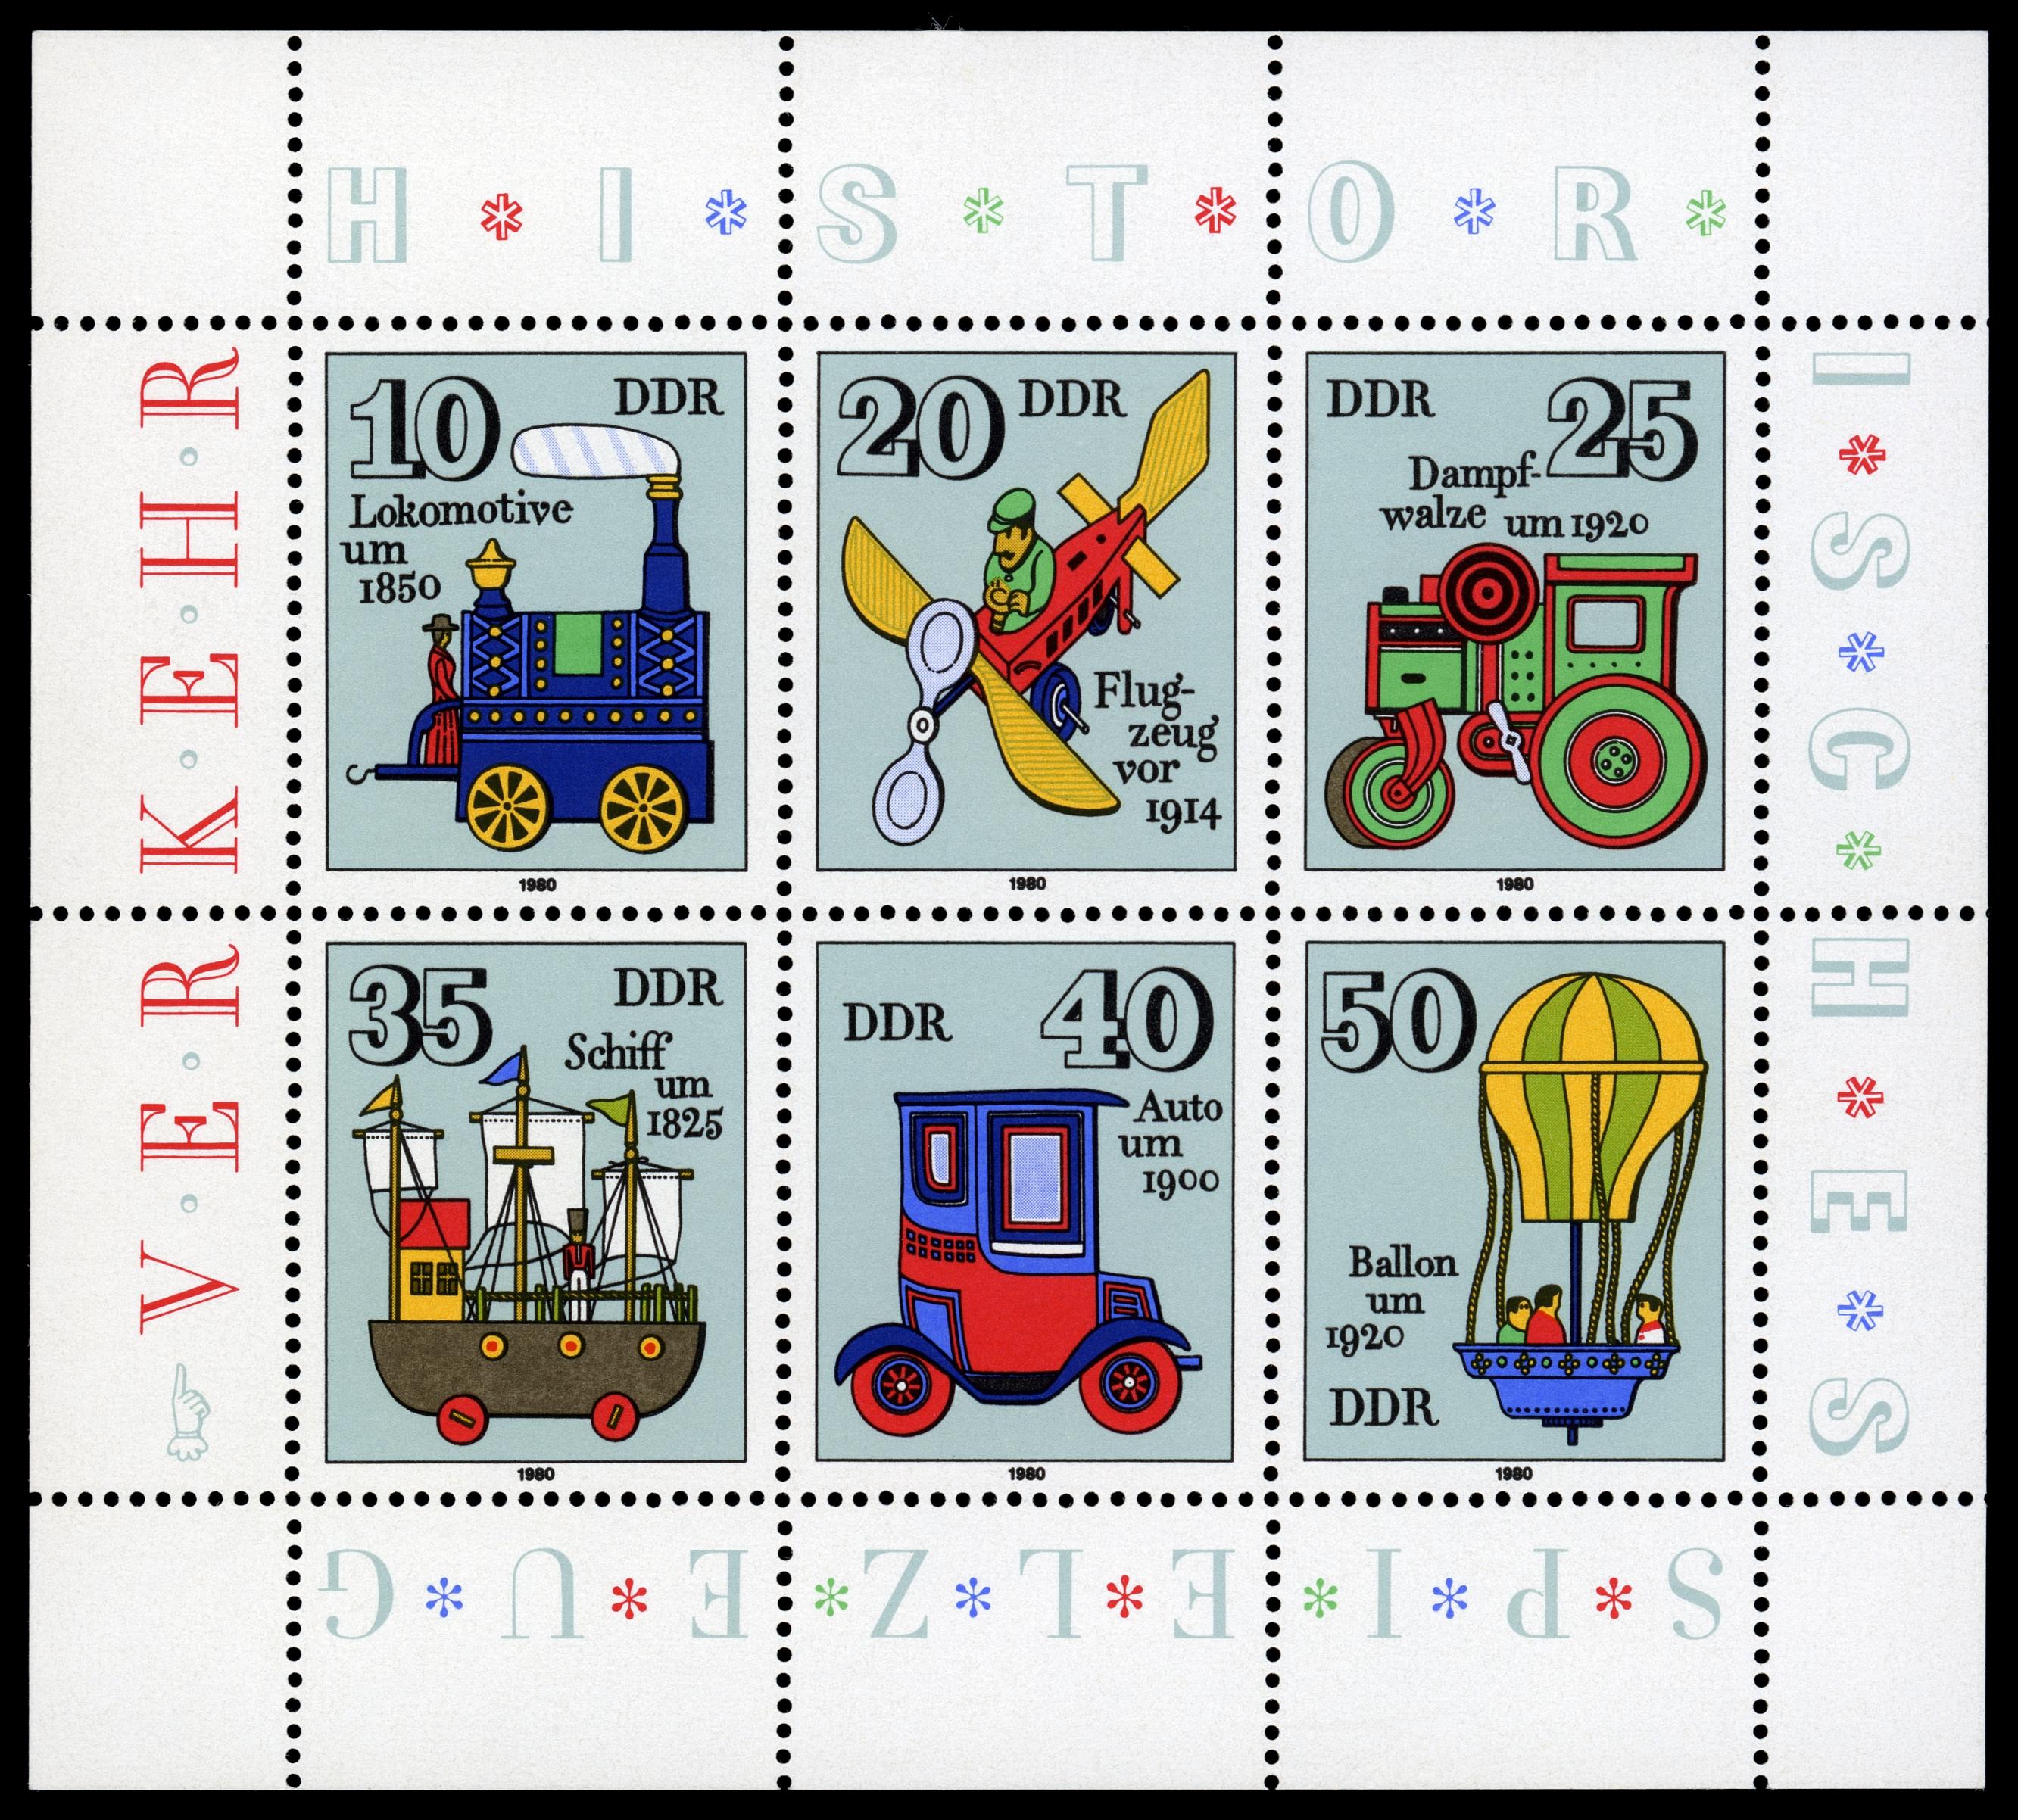 DDR 儿童玩具系列邮票 - 谷雨 - 一壶清茶 三五知己